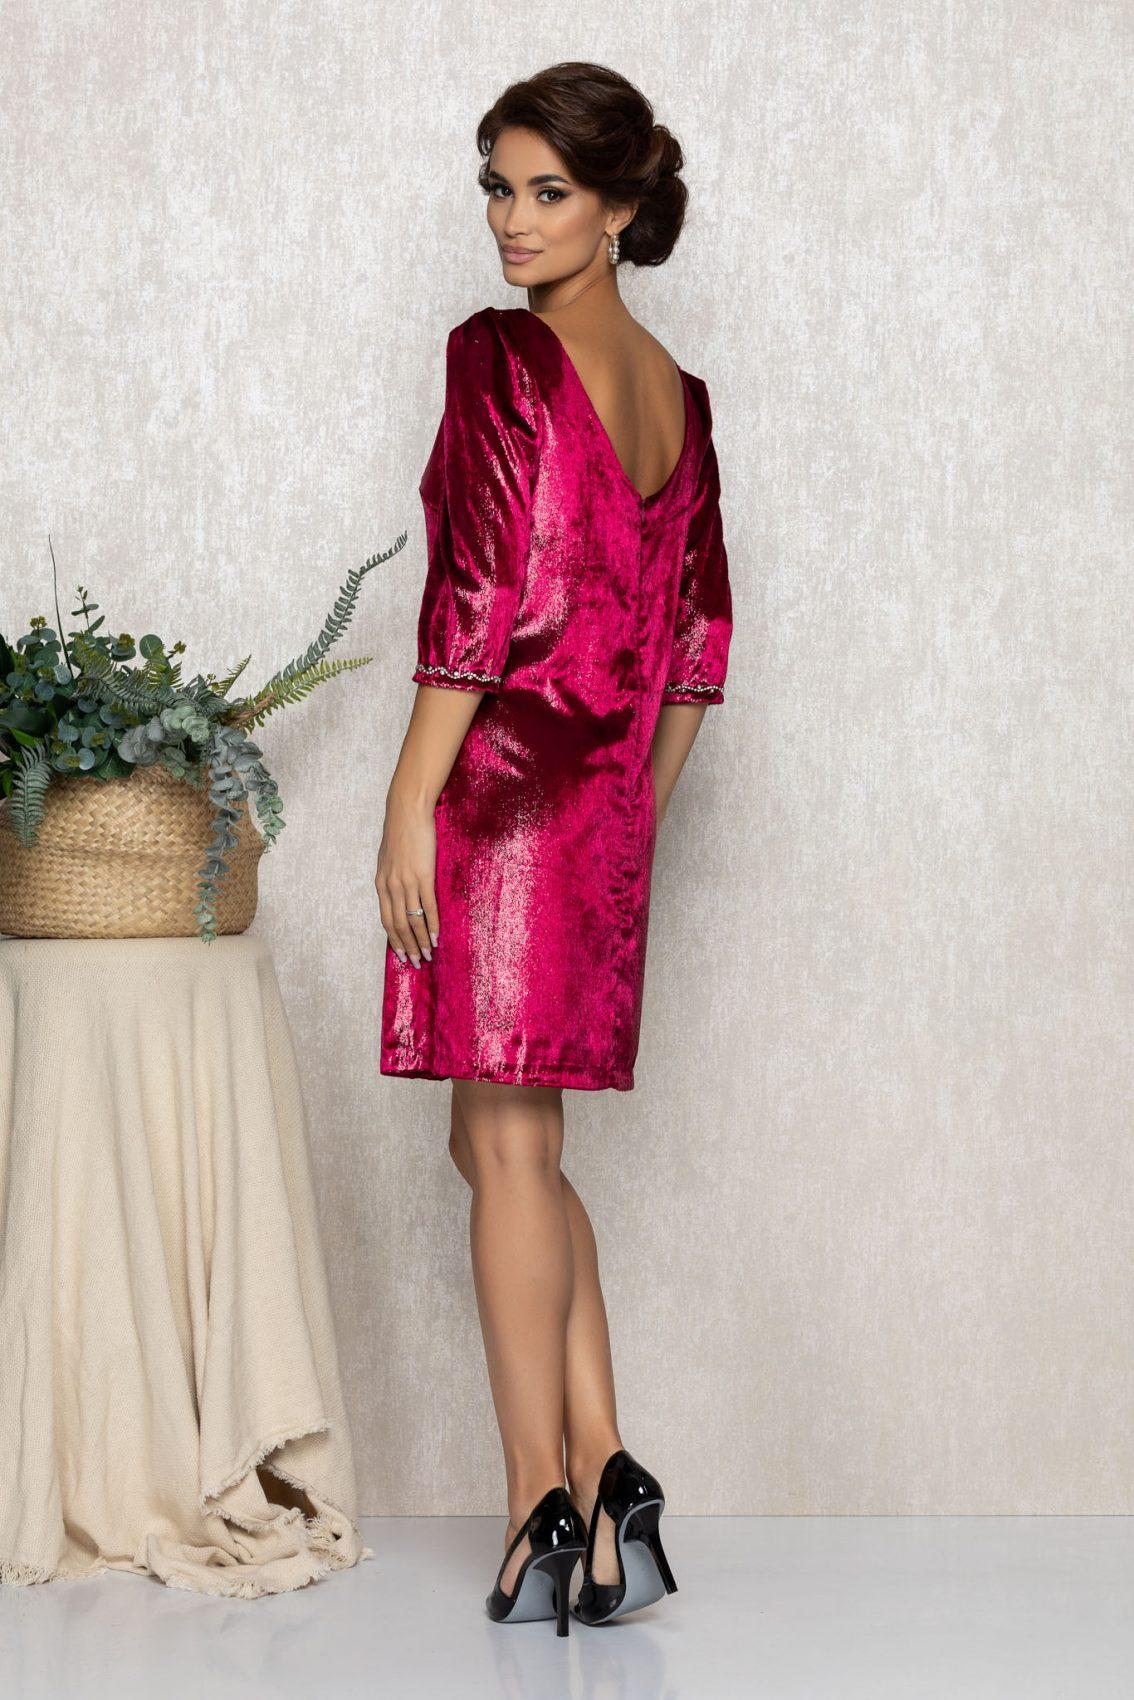 Φούξια Φόρεμα Από Βελούδο Nikita T224 2